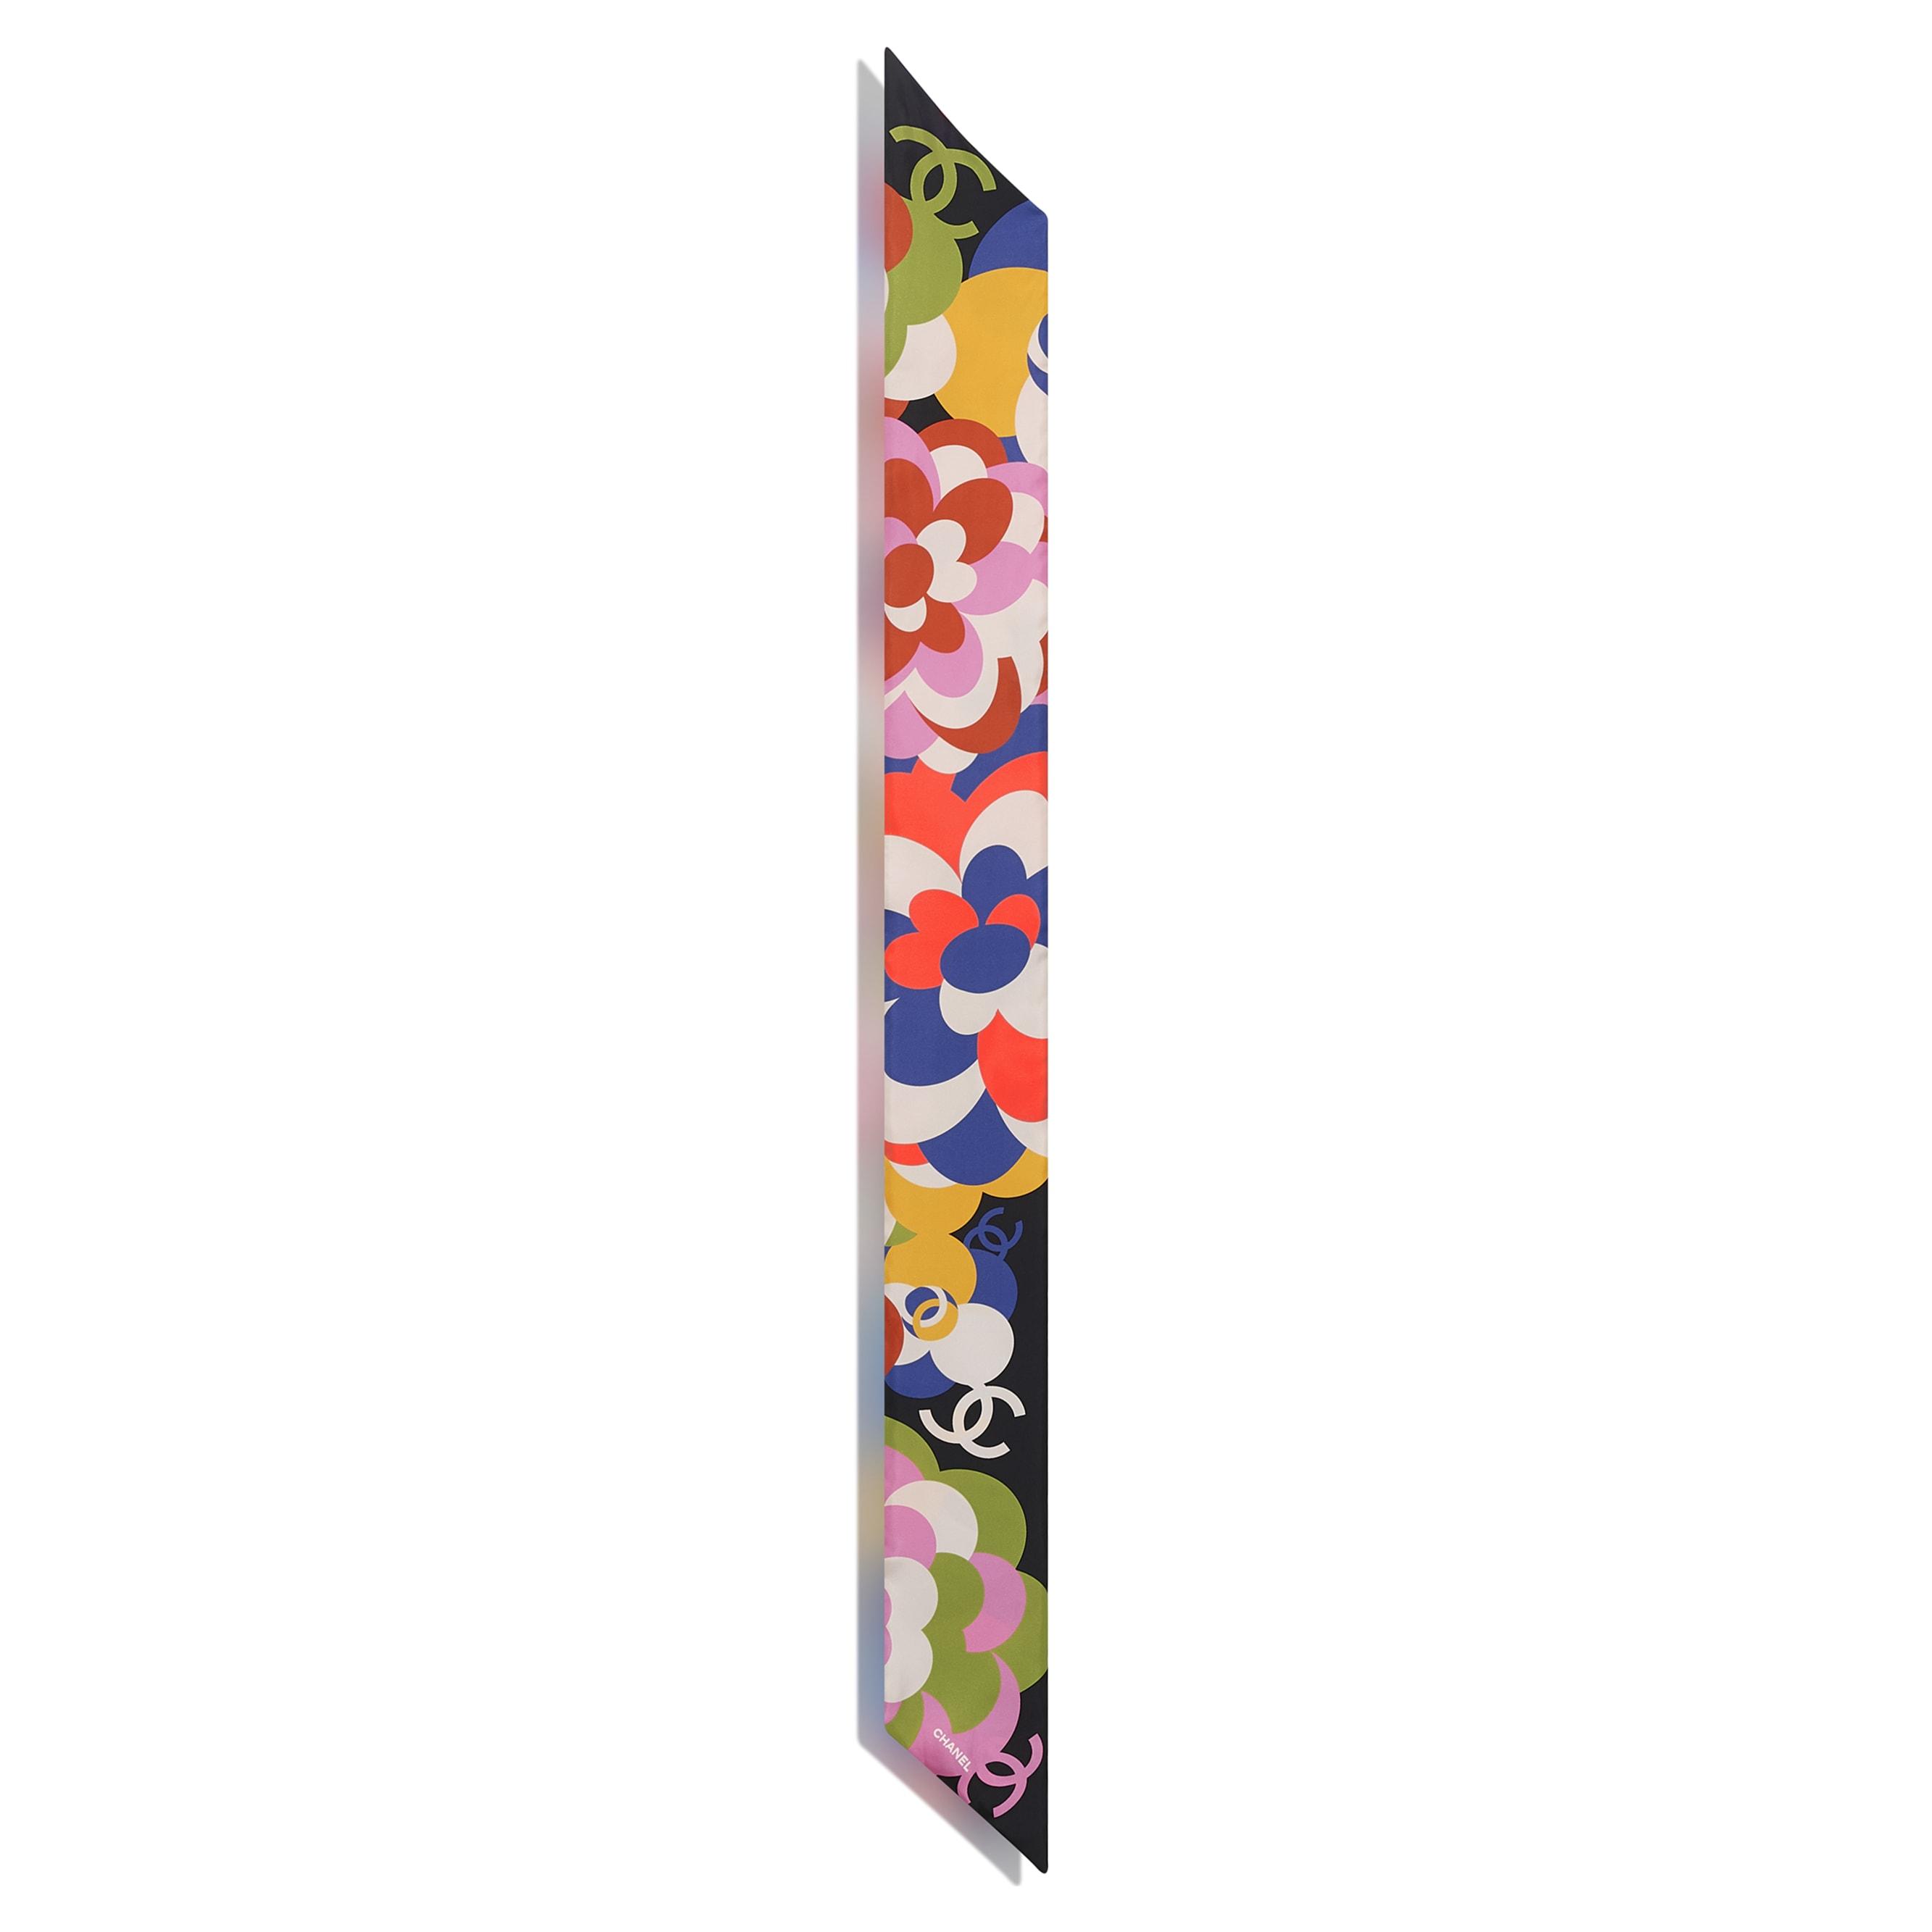 Cerchietto - Nero, blu & multicolor - Twill di seta - CHANEL - Immagine diversa - vedere versione standard